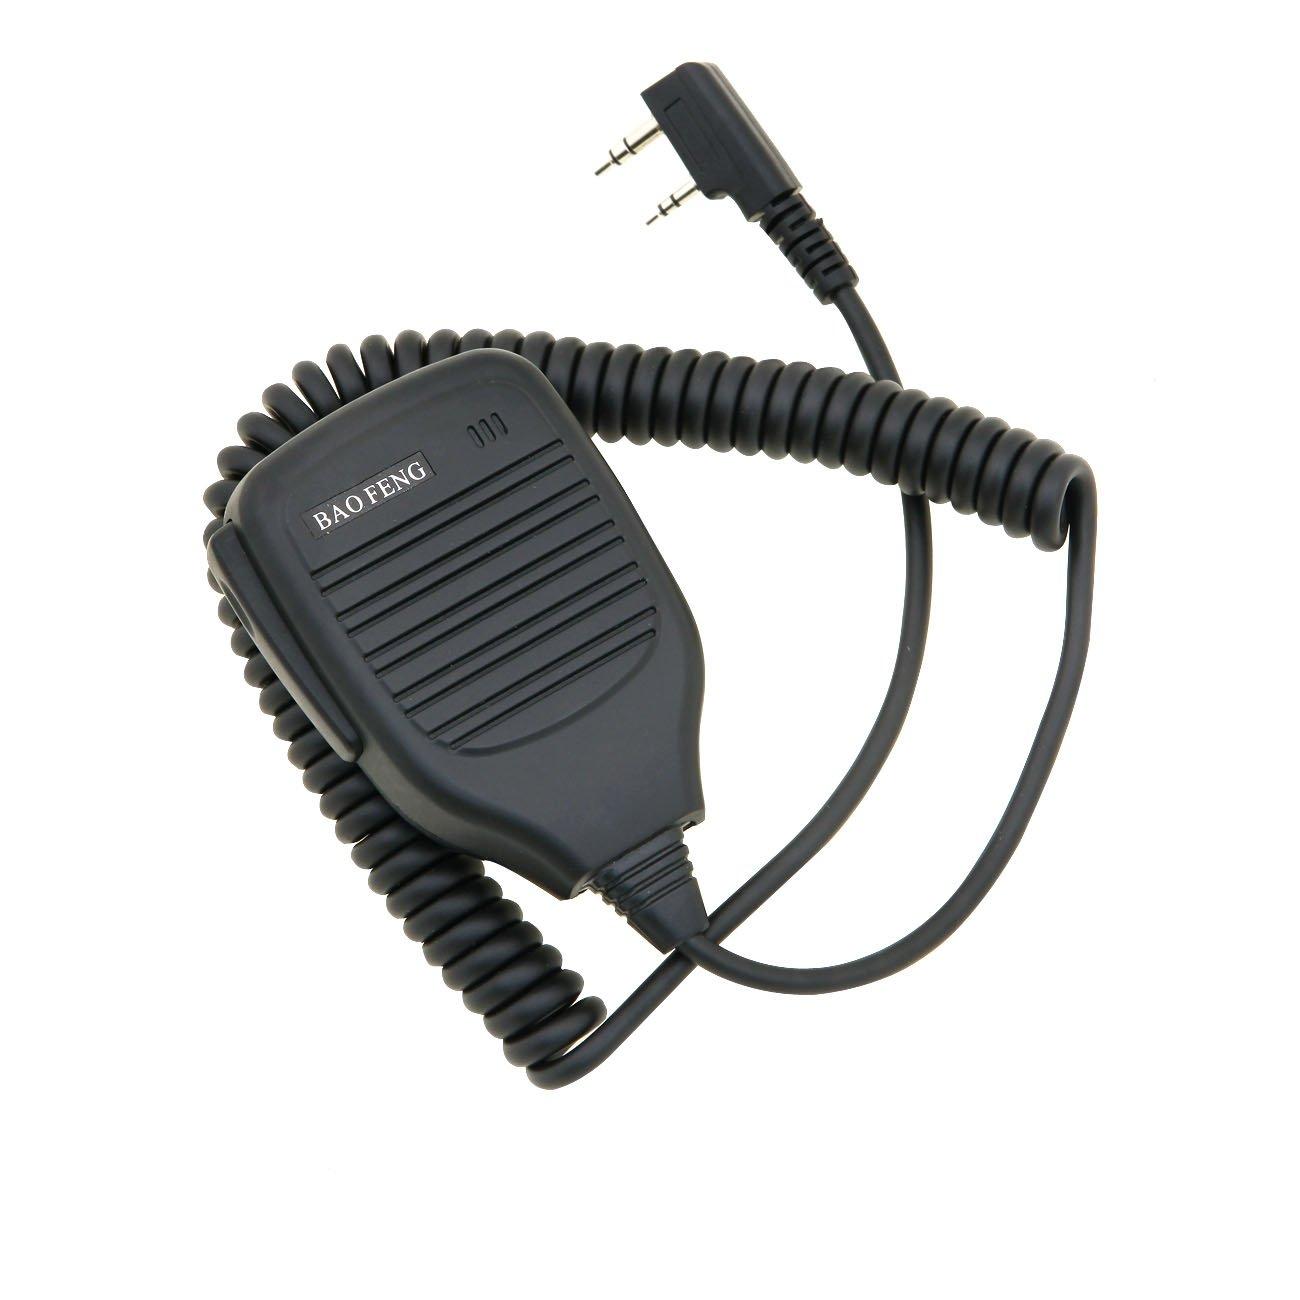 Baofeng Original Handheld Speaker Two Way Radio Speaker Microphone UV 5R 5RA 5RE 5R Plus ' 799666026737